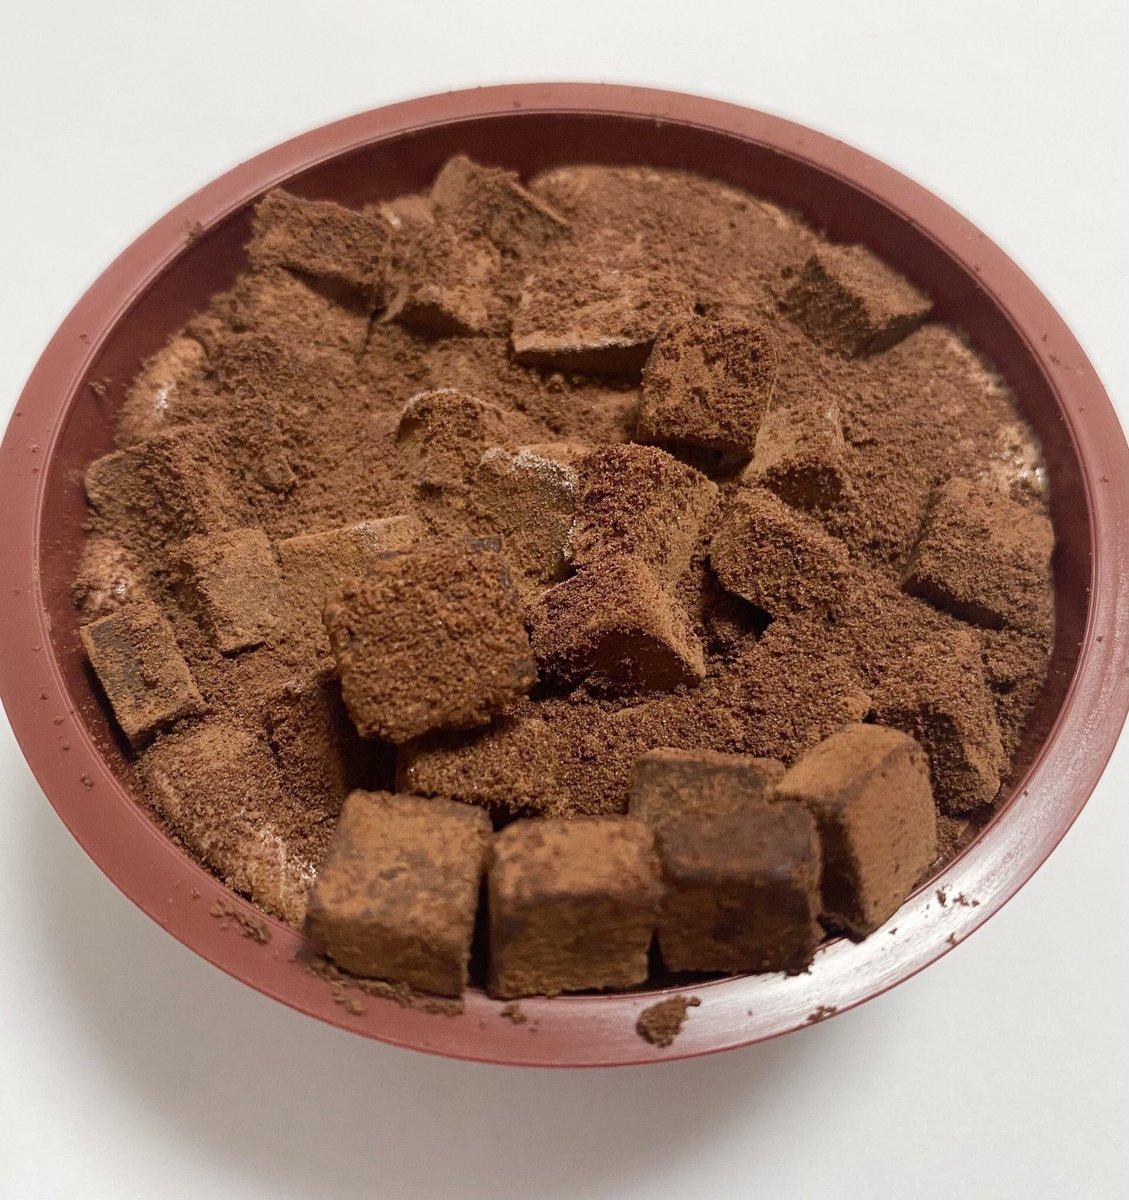 9月21日よりセブンイレブンから、チョコアイスの上にダイス状の生チョコをたっぷりとトッピングした「生チョコアイス」が今年も発売されます✨